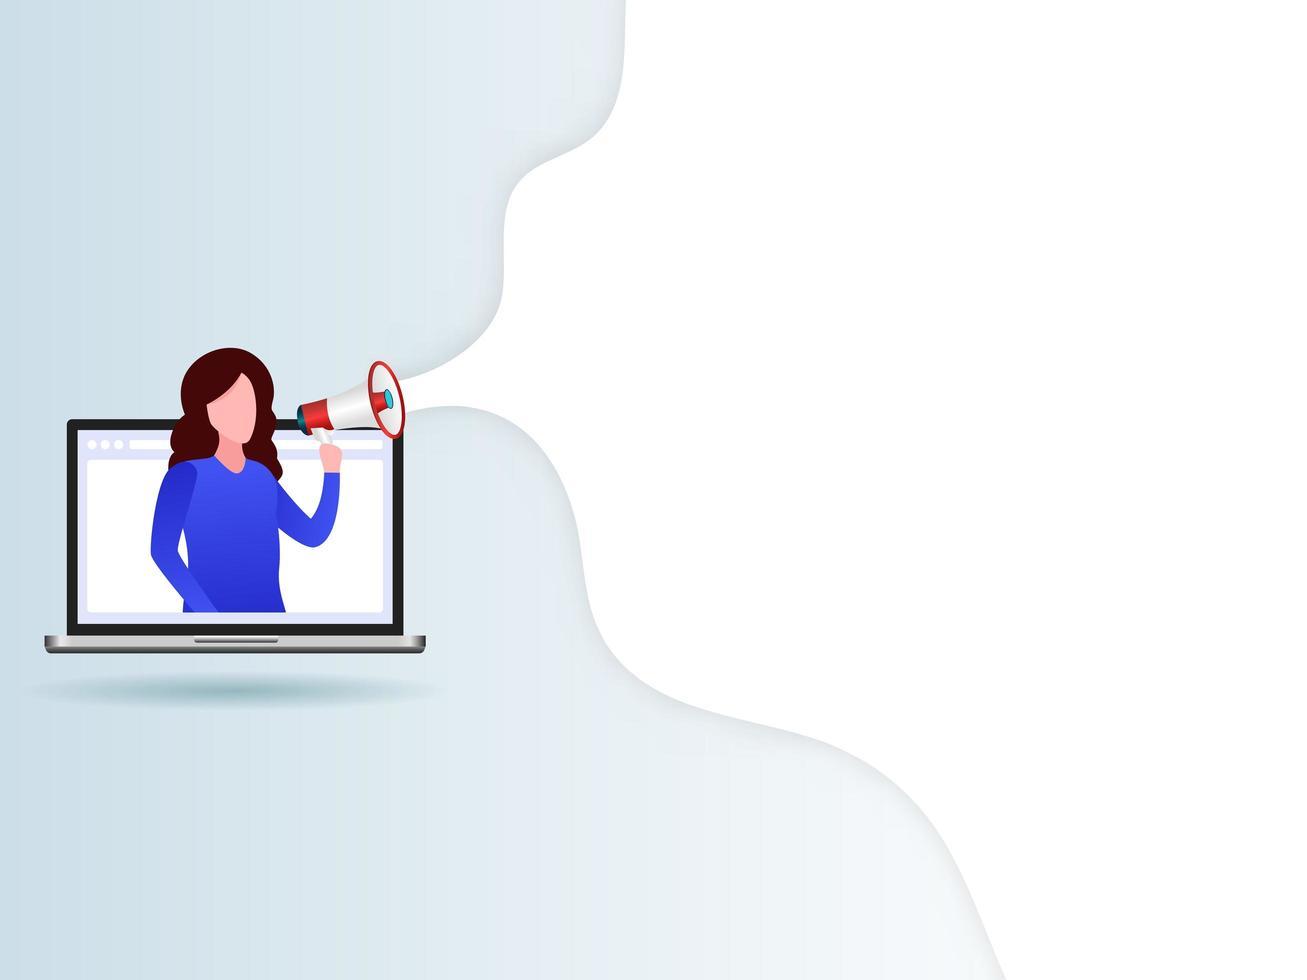 mulheres no laptop com um megafone vetor